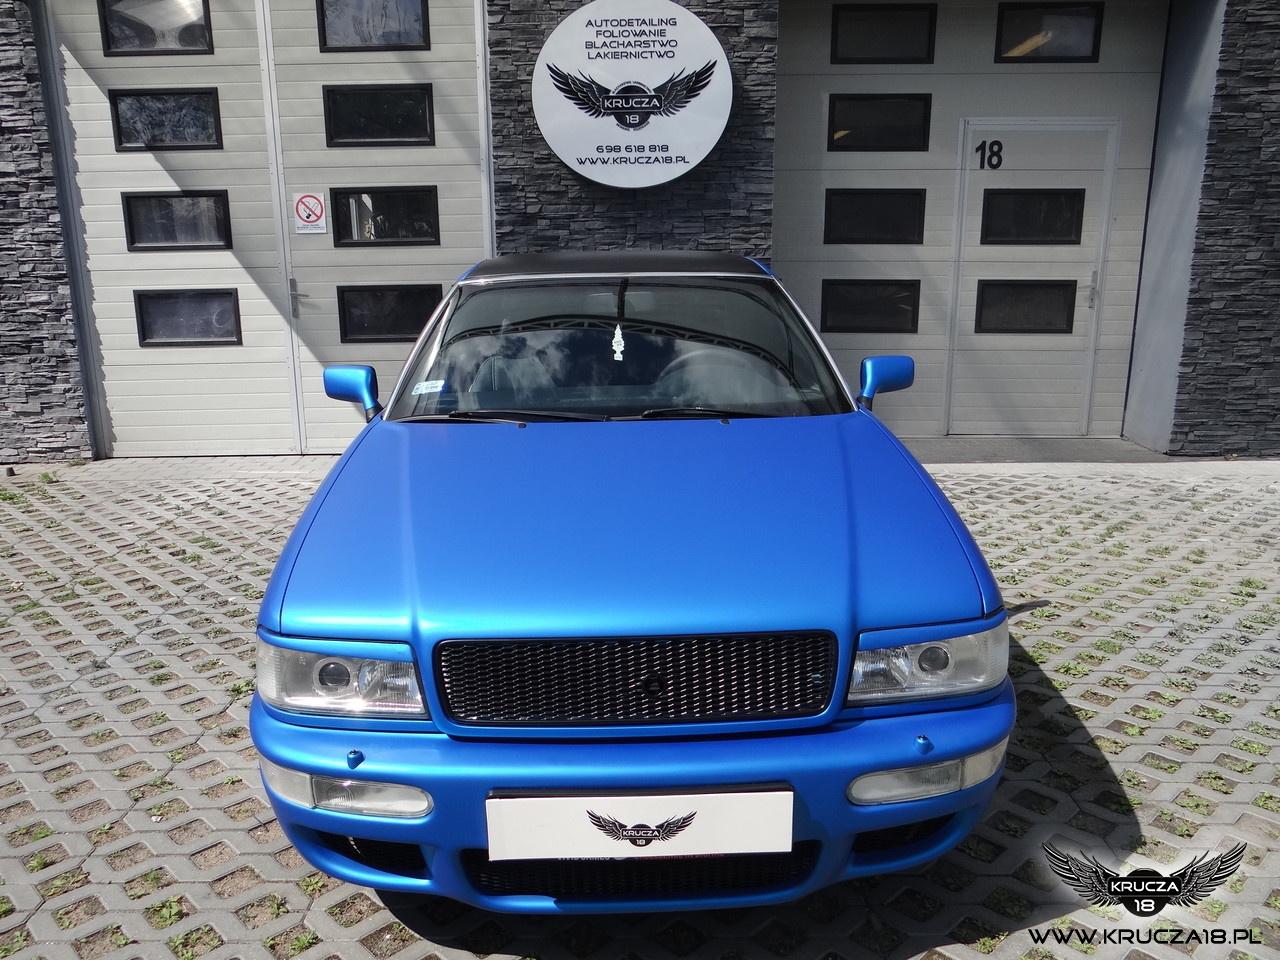 AUDI : zmiana koloru auta folią : blue aluminium : oklejanie : Krucza18 : Bydgoszcz : Osielsko